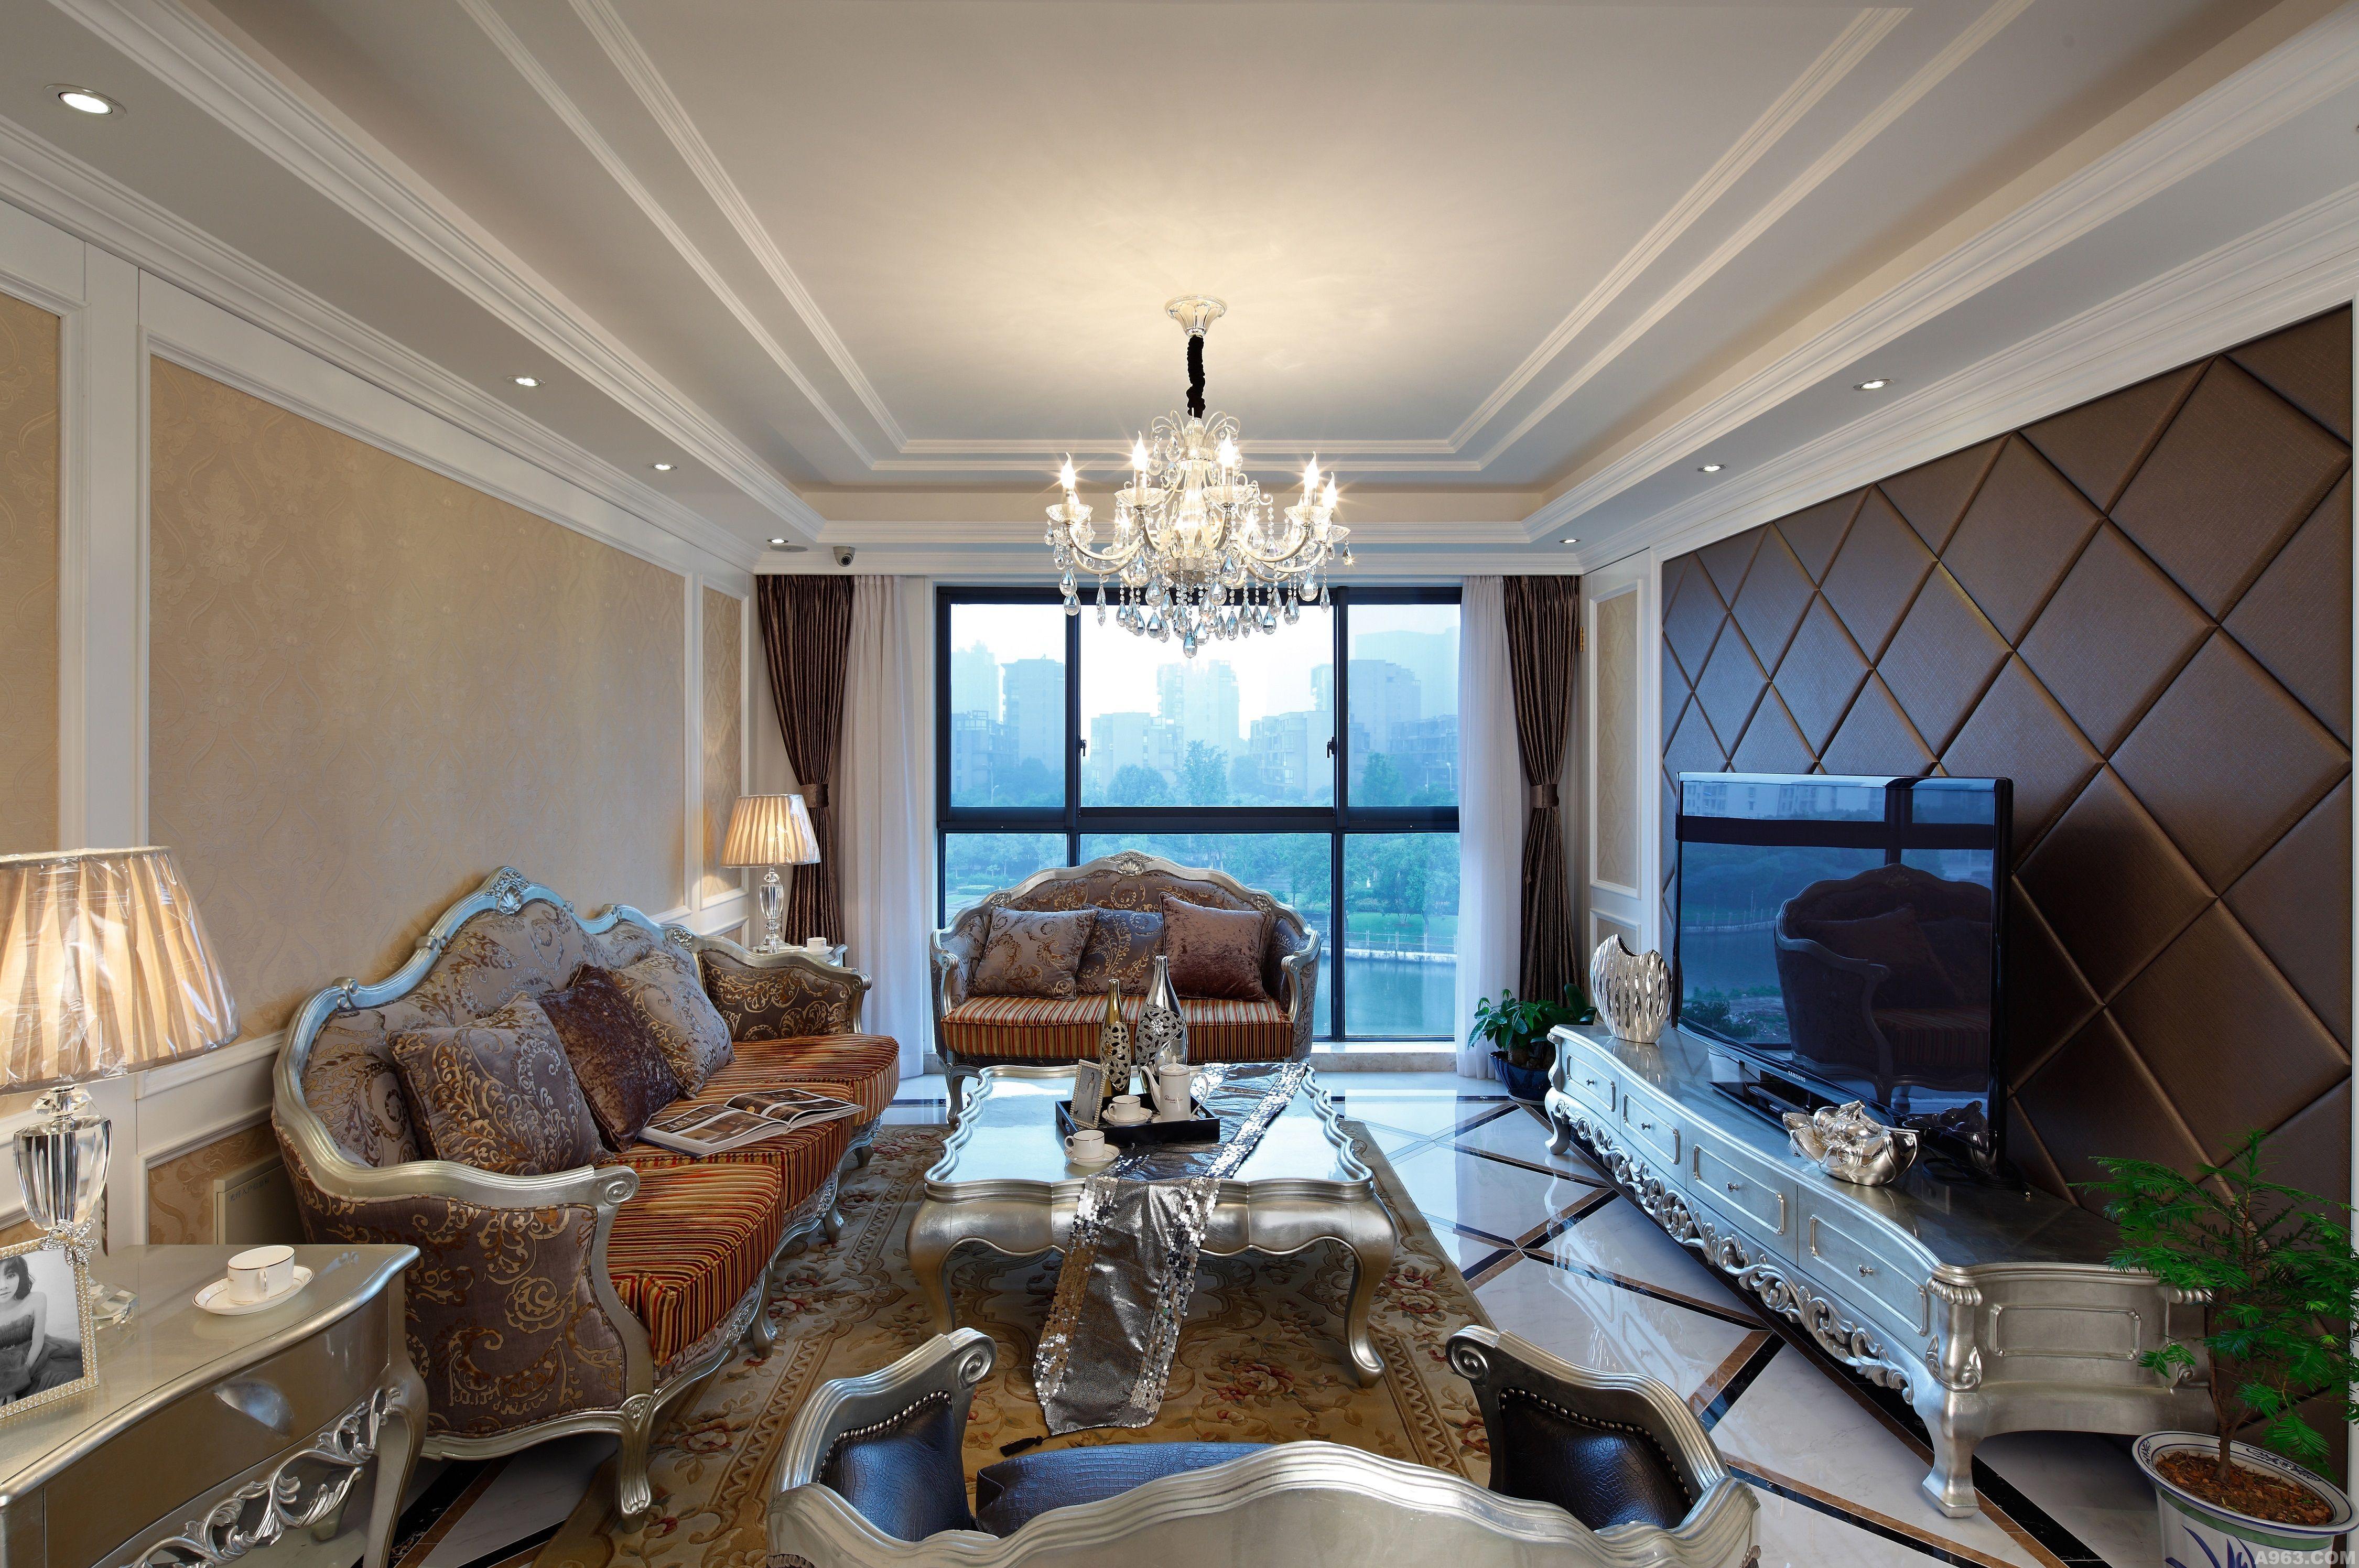 本案设计将欧式古典主义完美地运用到家的设计中,以白色线条为